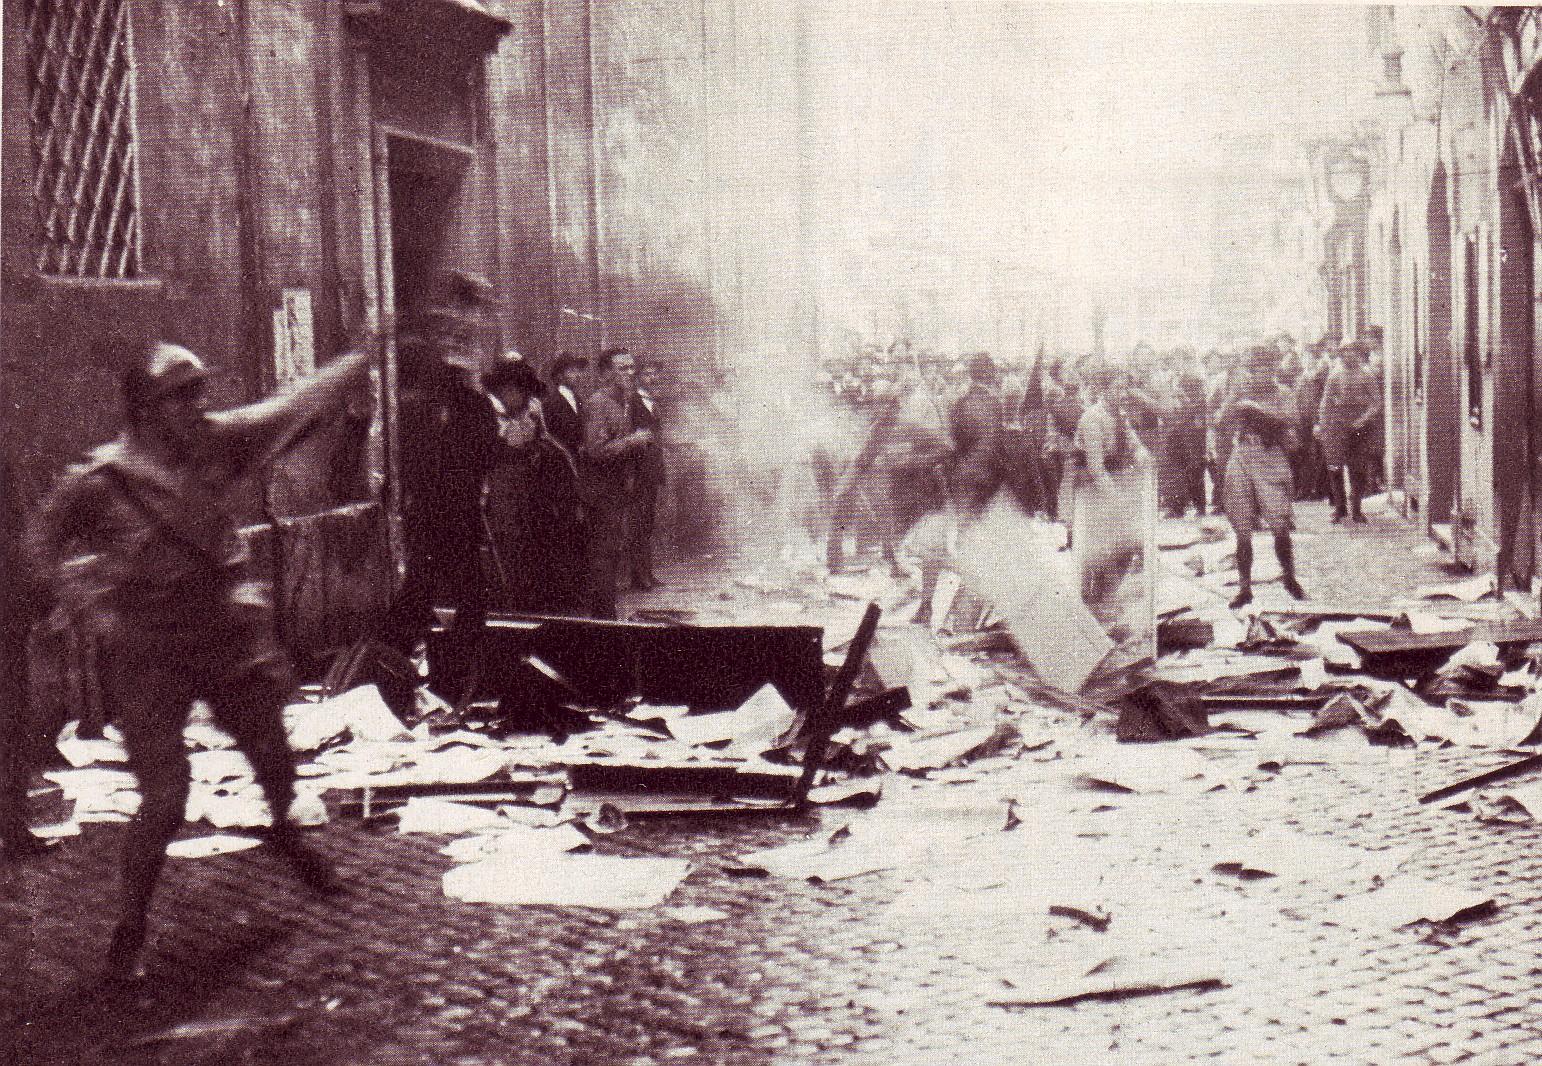 Storia dello sciopero. Biennio Nero: i fascisti devastano una sede della Confederazione generale del lavoro a Roma. Foto via Wikimedia Commons